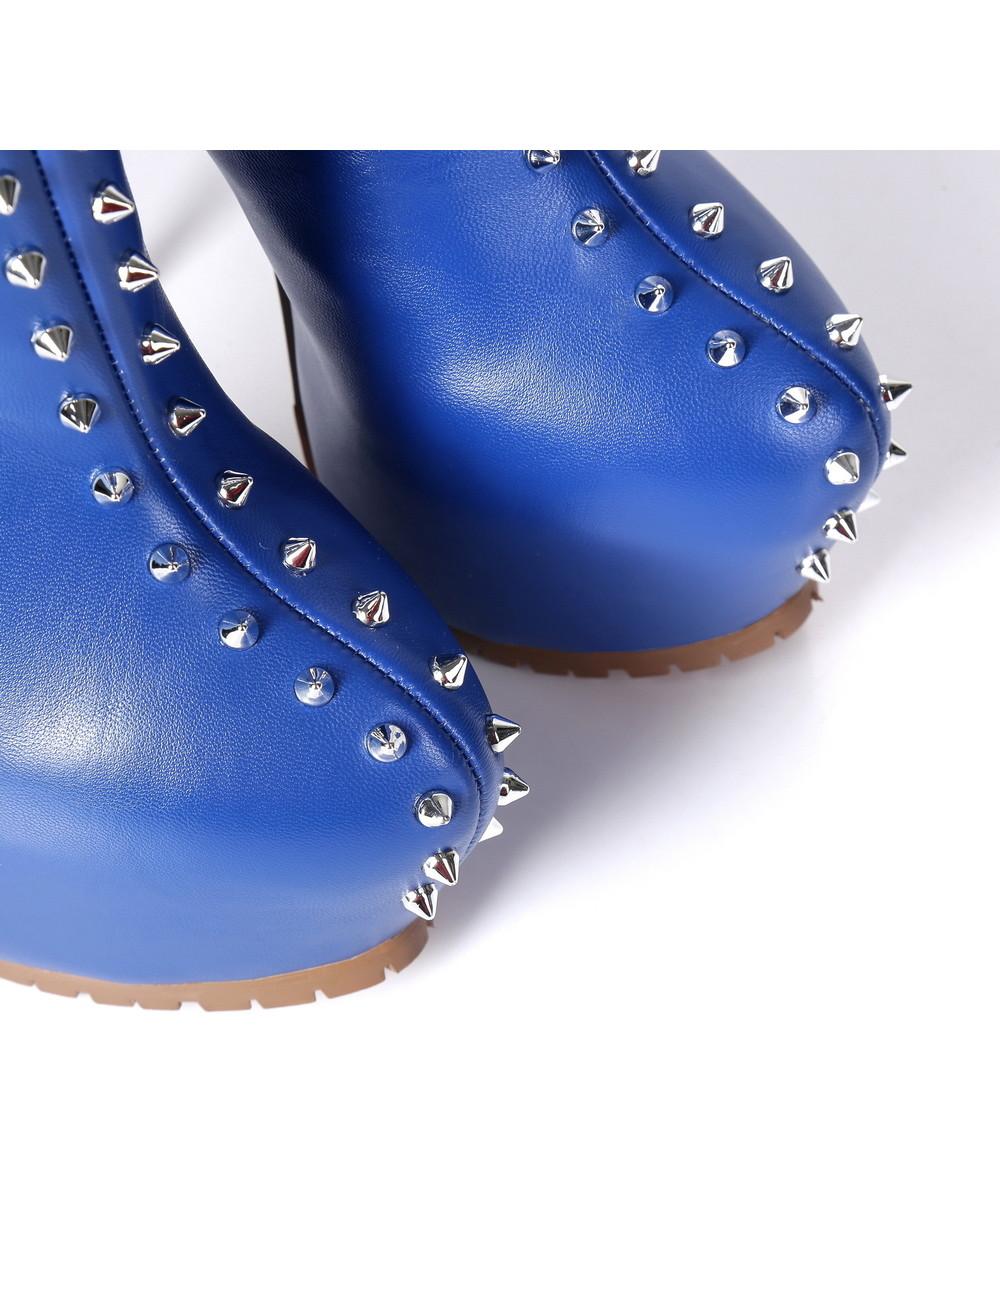 Giaro Giaro SOPHIA blau besetztes Oberschenkelstiefelprofil